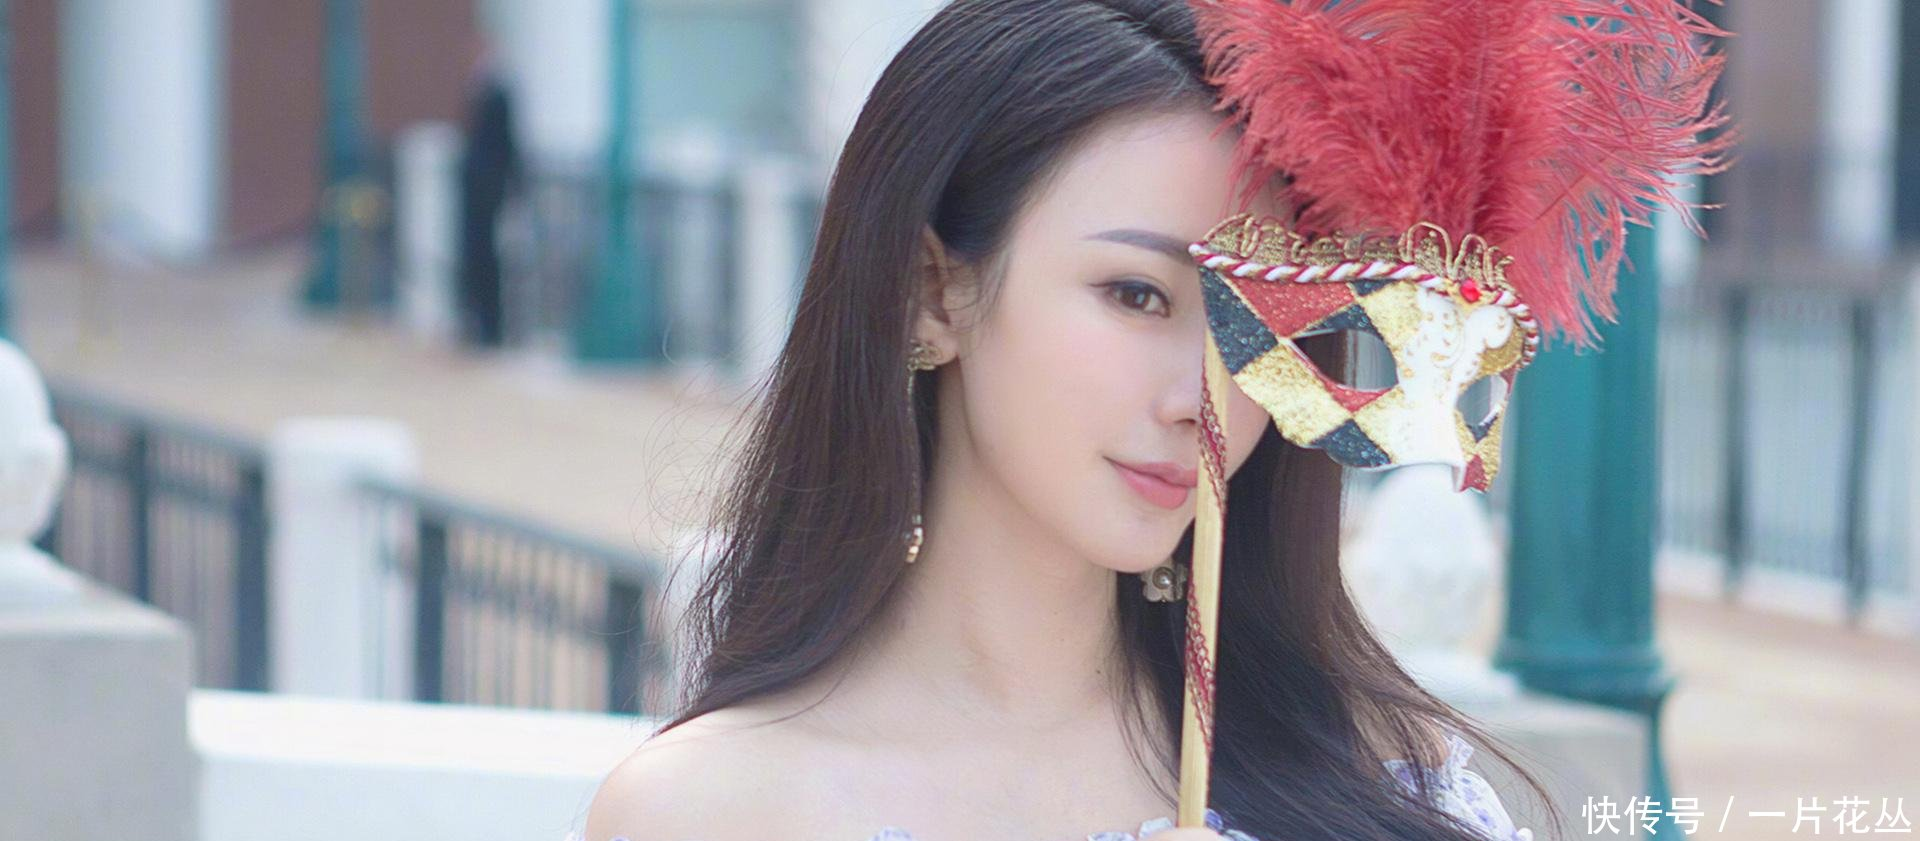 2019年中旬生肖运势,属鸡、属狗、属牛、属龙(运势3)